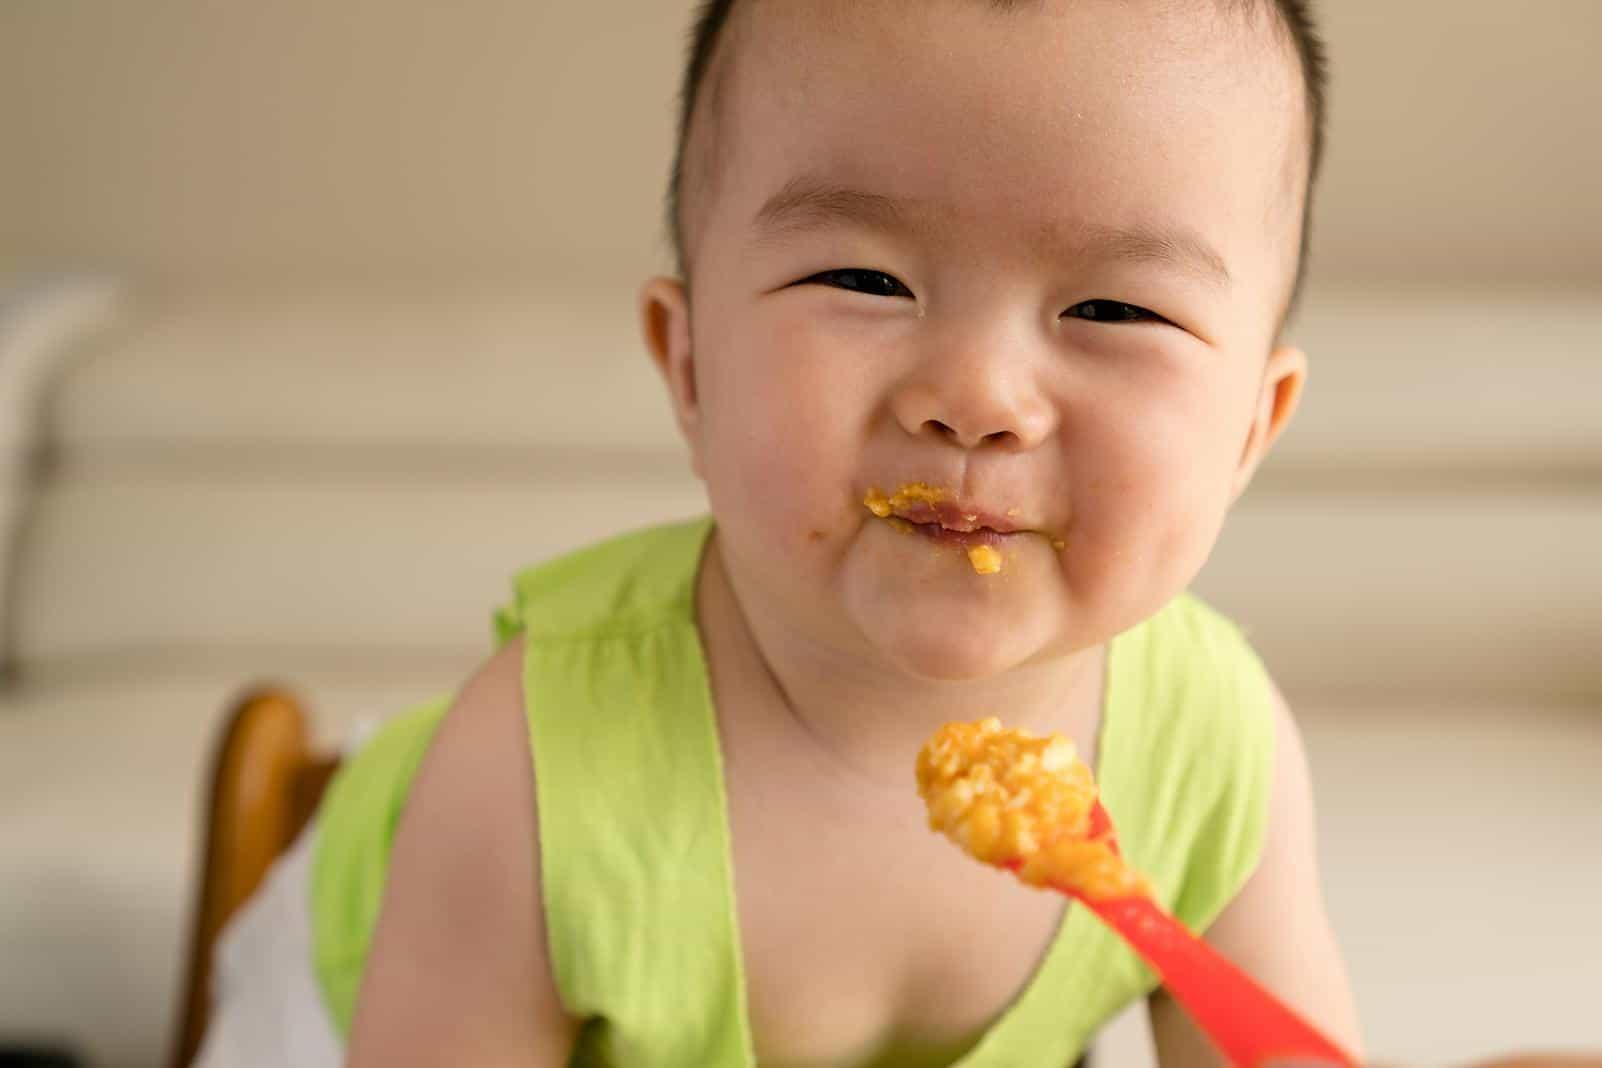 Yeni bebeği olacaklar için test: Bebek bakımı hakkında ne kadar bilgilisin?